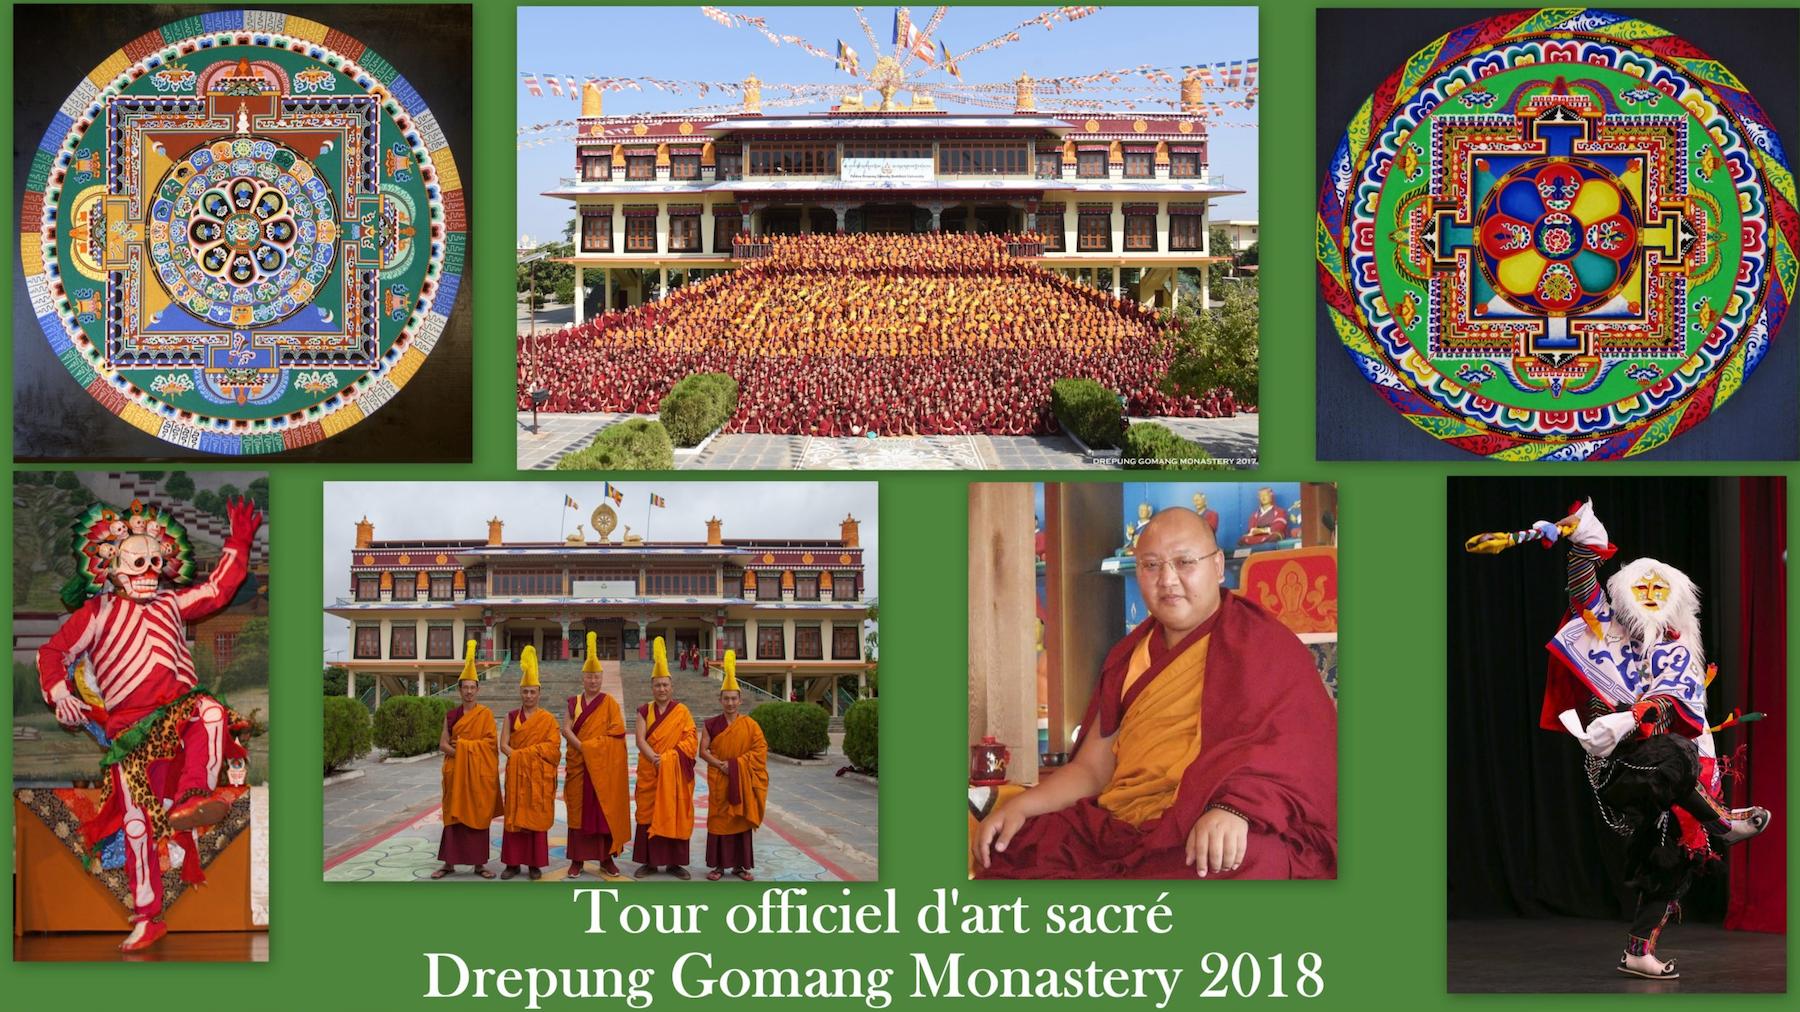 Tour officiel d'art sacré du Drepung Gomang Monastery 2018